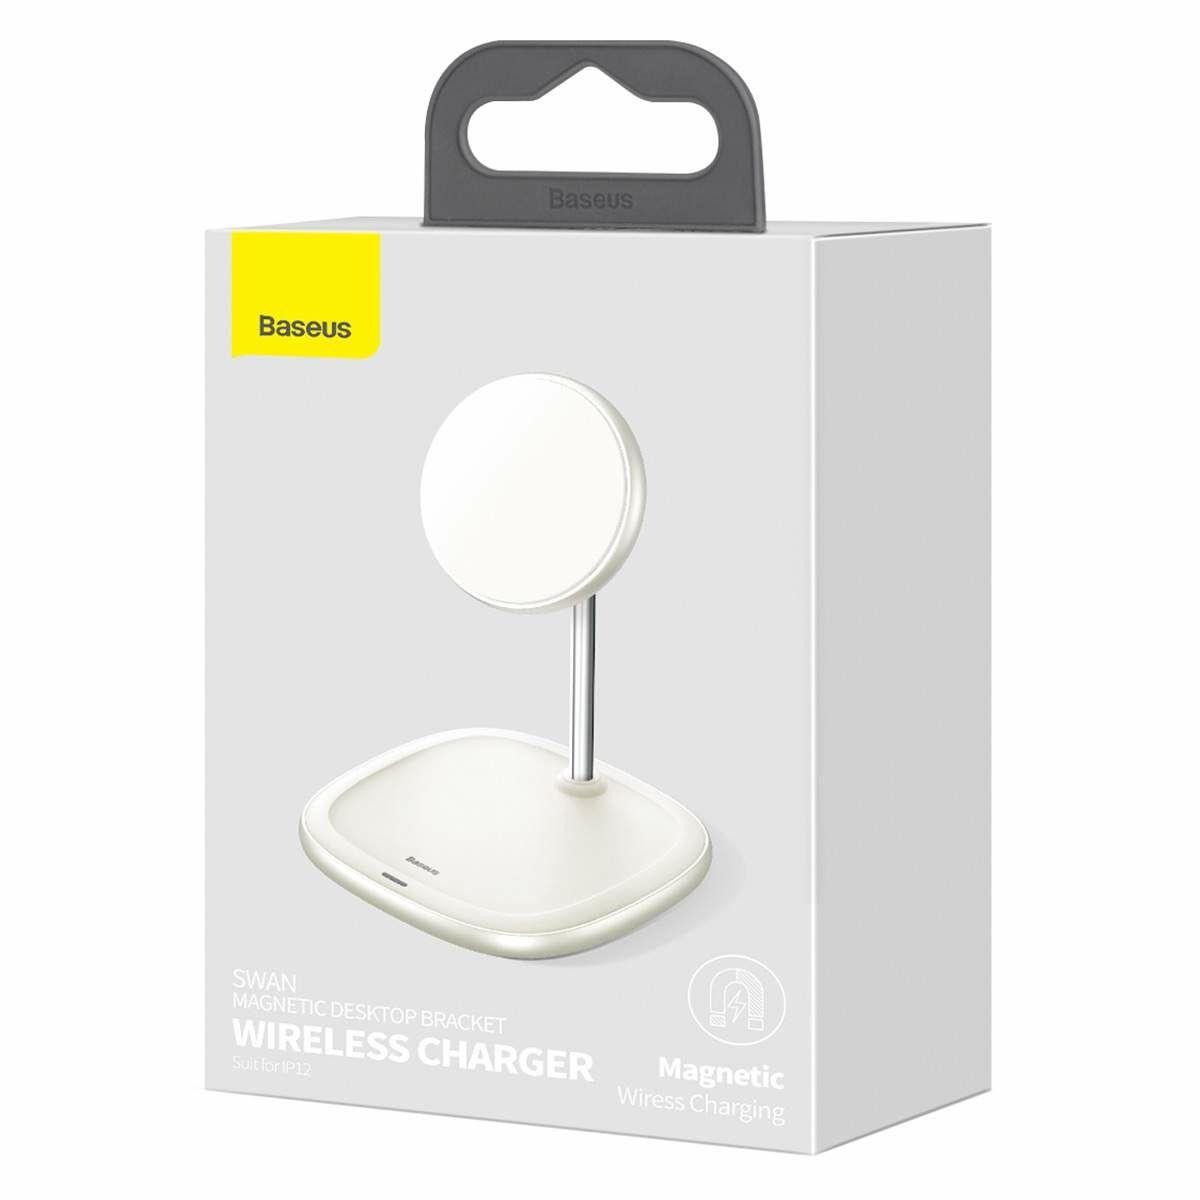 Baseus vezeték nélküli töltő, Swan Magnetic asztali konzol, iPhone 12 modellhez, 15W, fehér (WXSW-02)